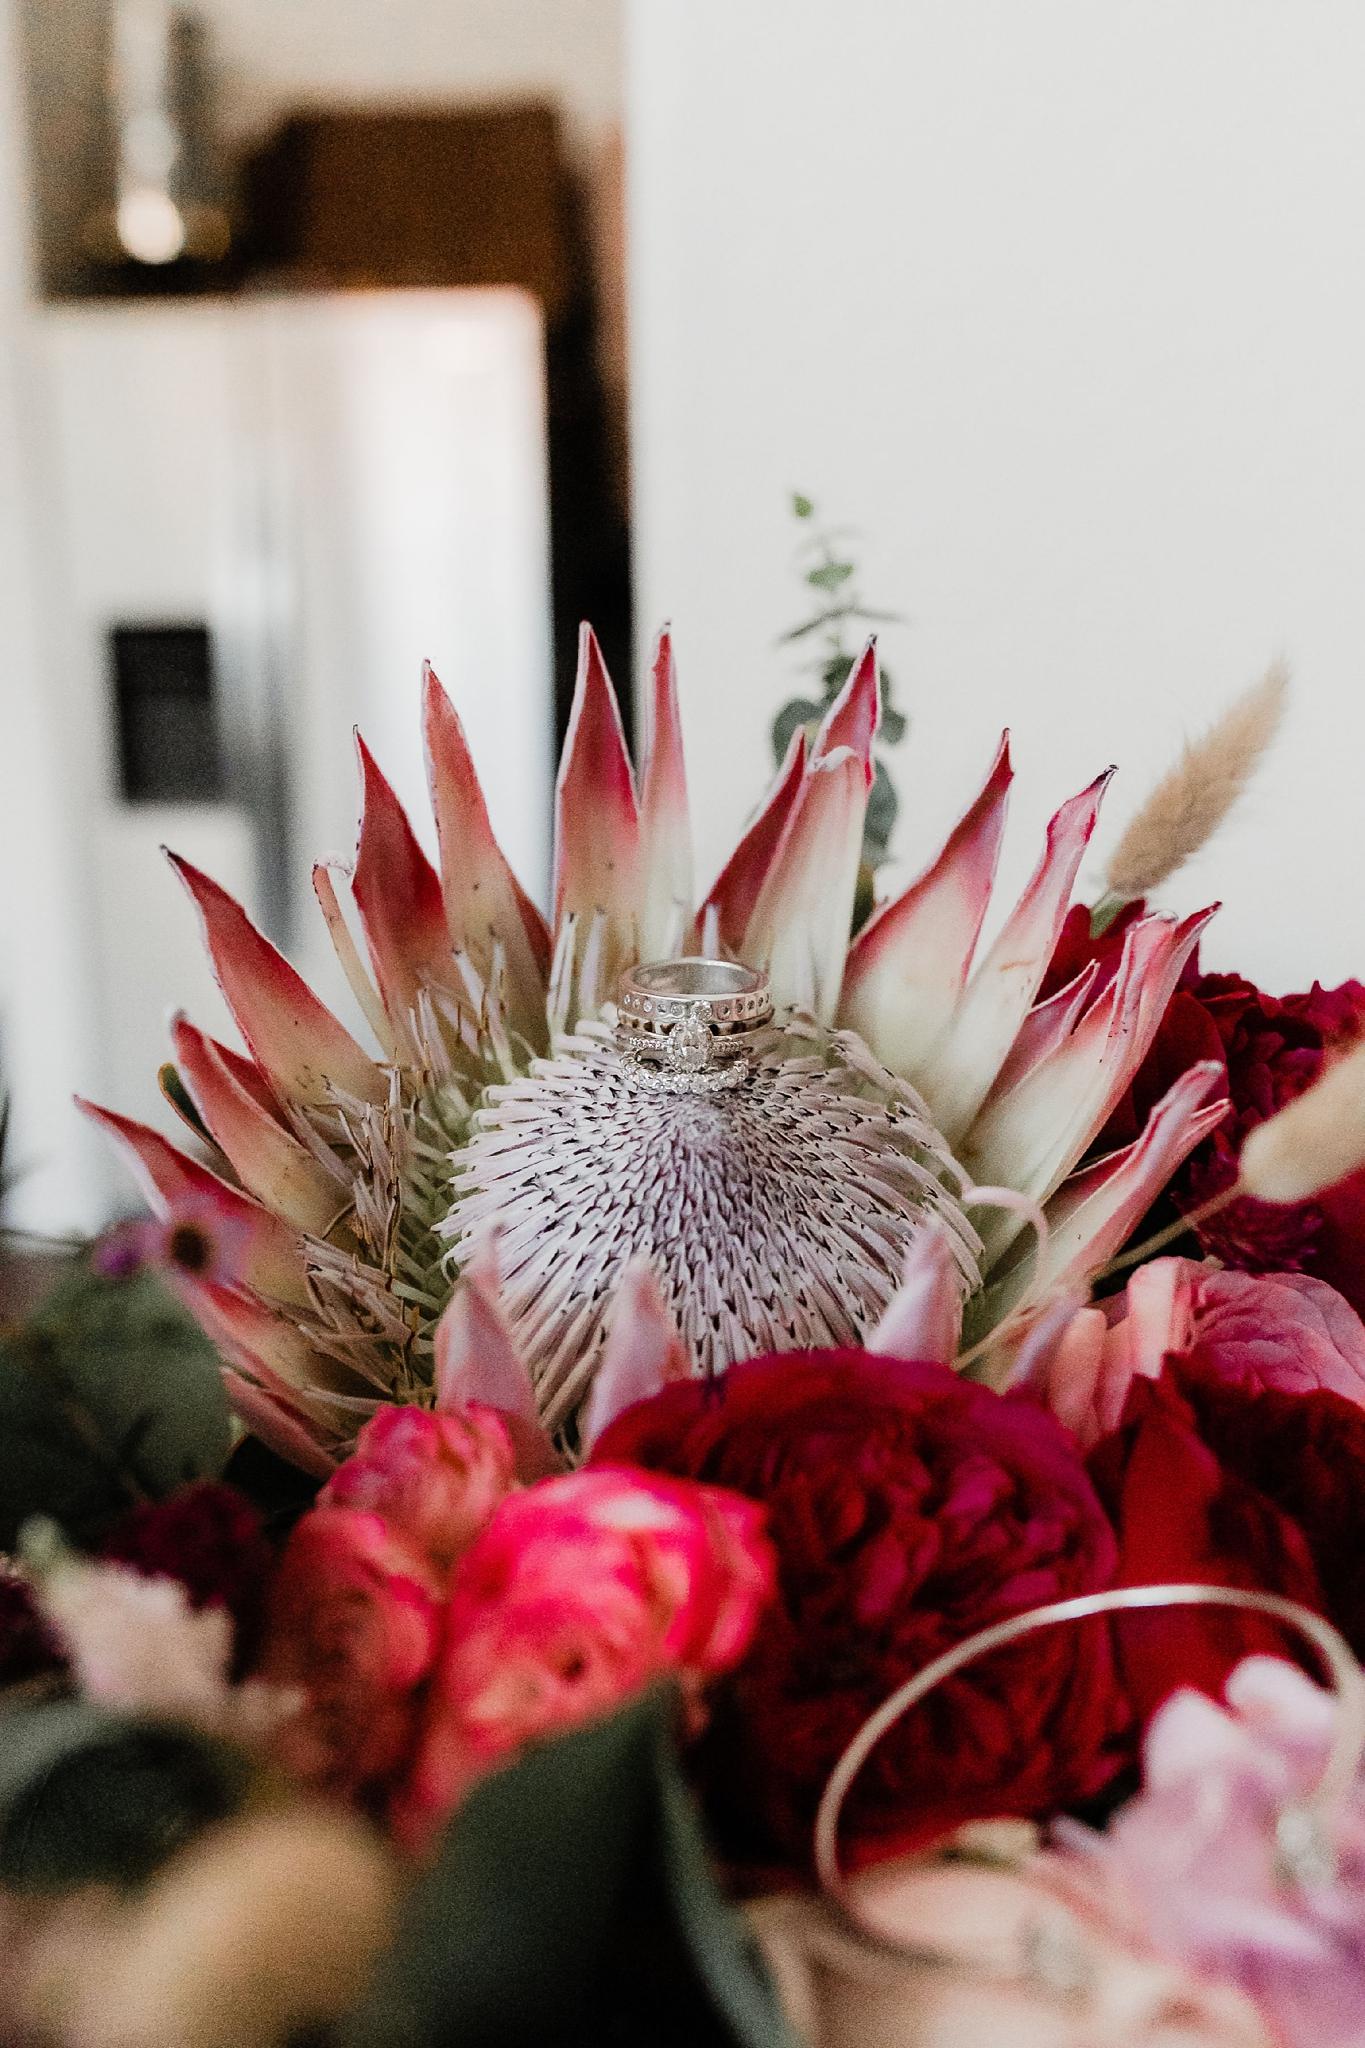 Alicia+lucia+photography+-+albuquerque+wedding+photographer+-+santa+fe+wedding+photography+-+new+mexico+wedding+photographer+-+new+mexico+wedding+-+new+mexico+wedding+-+wedding+florals+-+desert+wedding+-+wedding+trends_0075.jpg